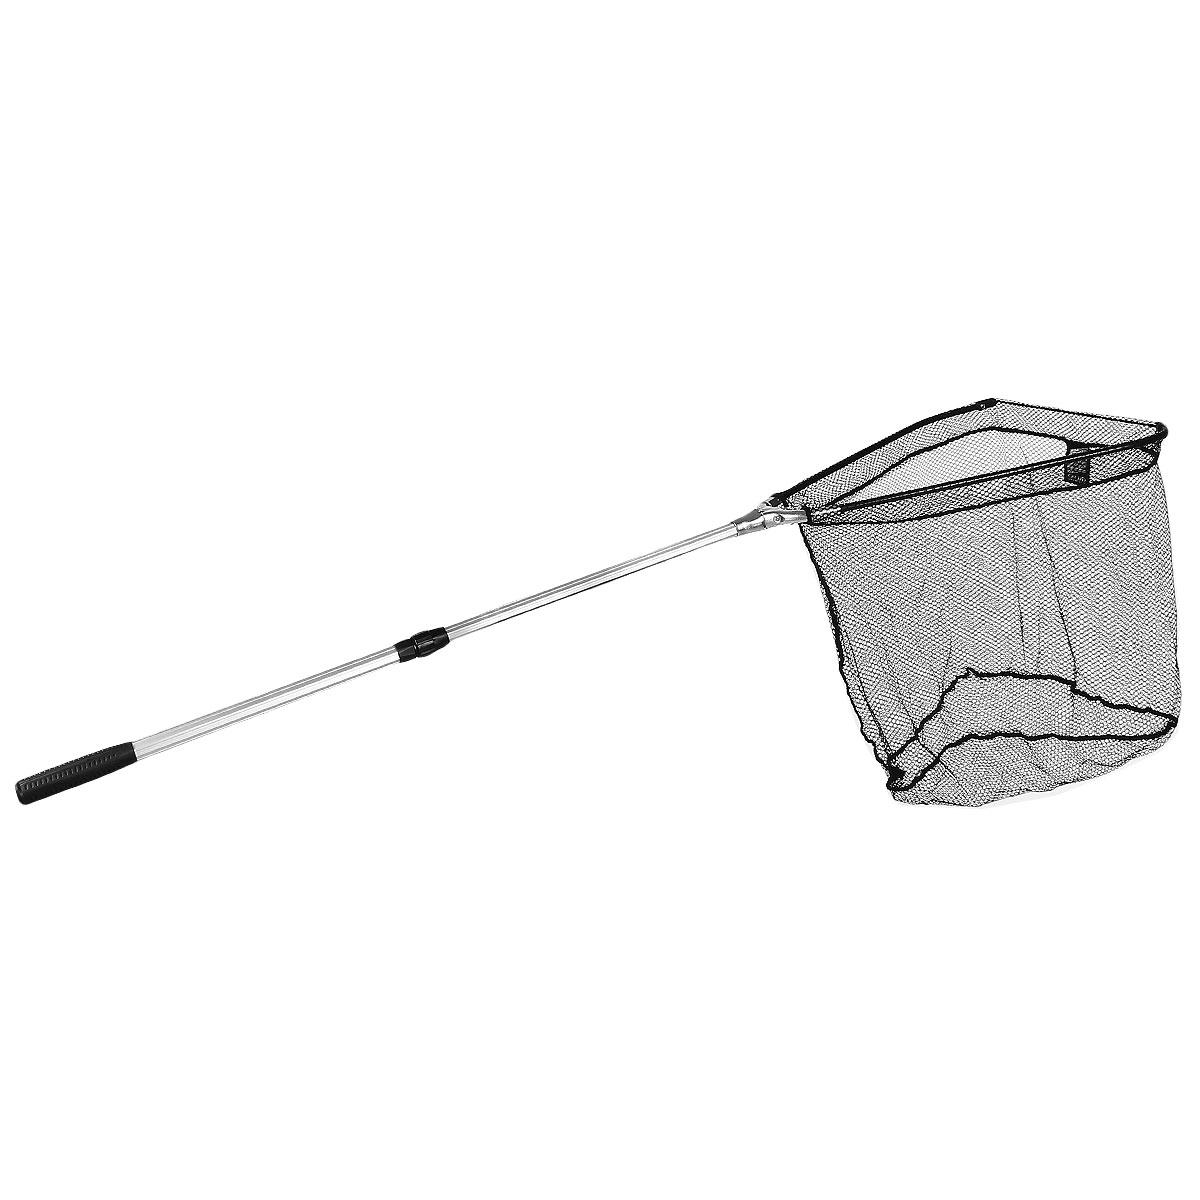 Подсачек складной Salmo, телескопический, 140 см х 50 см х 46 см130920Подсачек - важная деталь снаряжения любого рыболова. Удобный складной подсачек с треугольной формой сачка и телескопической ручкой. Размер ячейки 0,8 см х 0,8 см. На ручке расположен фиксатор для закрепления на поясе.Материал: металл, капрон.